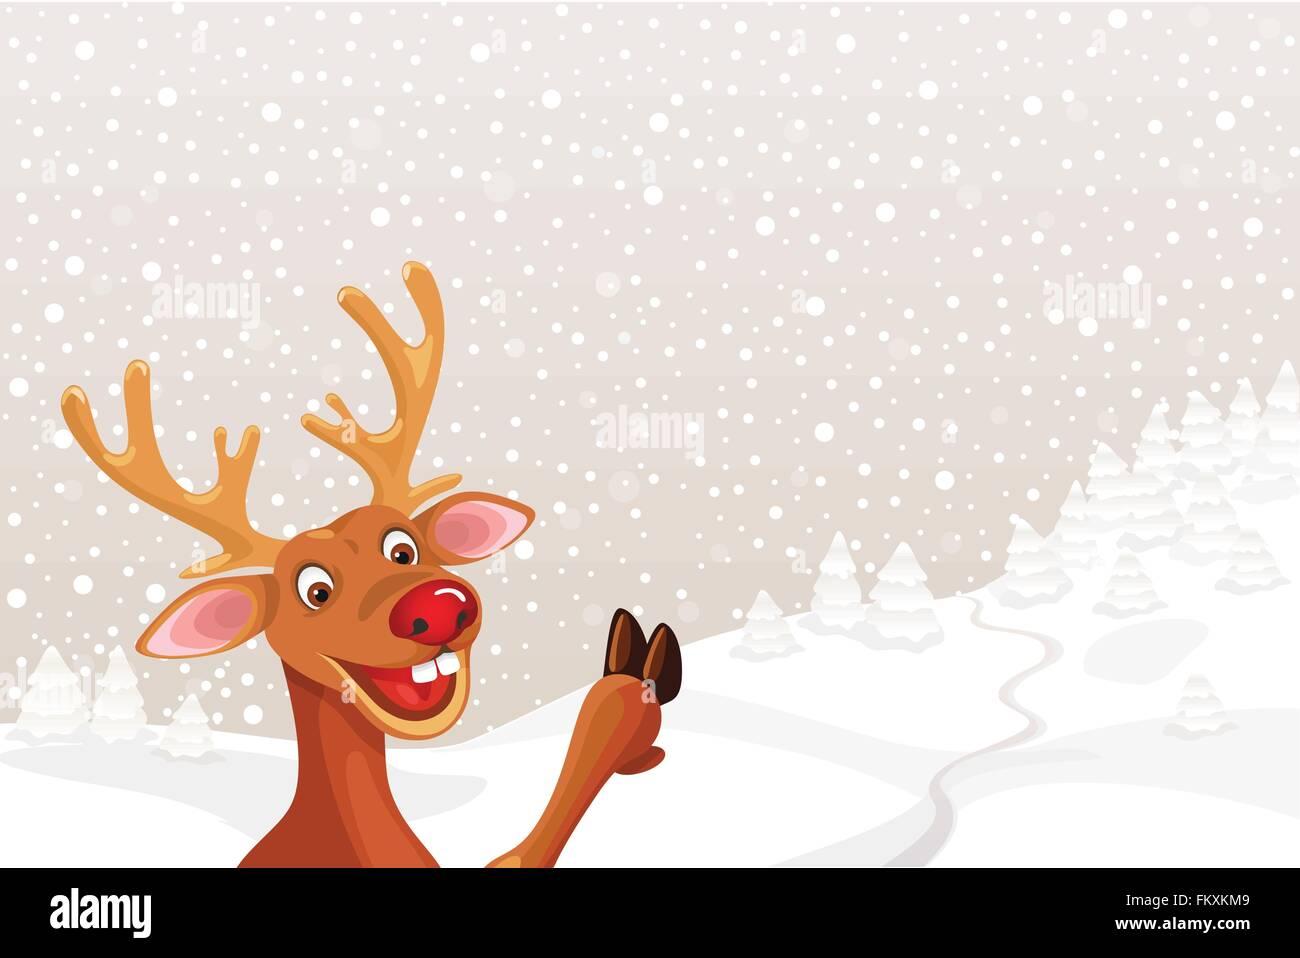 Rentier Rudolph mit textfreiraum Weihnachten Landschaft Schneeflocke ...